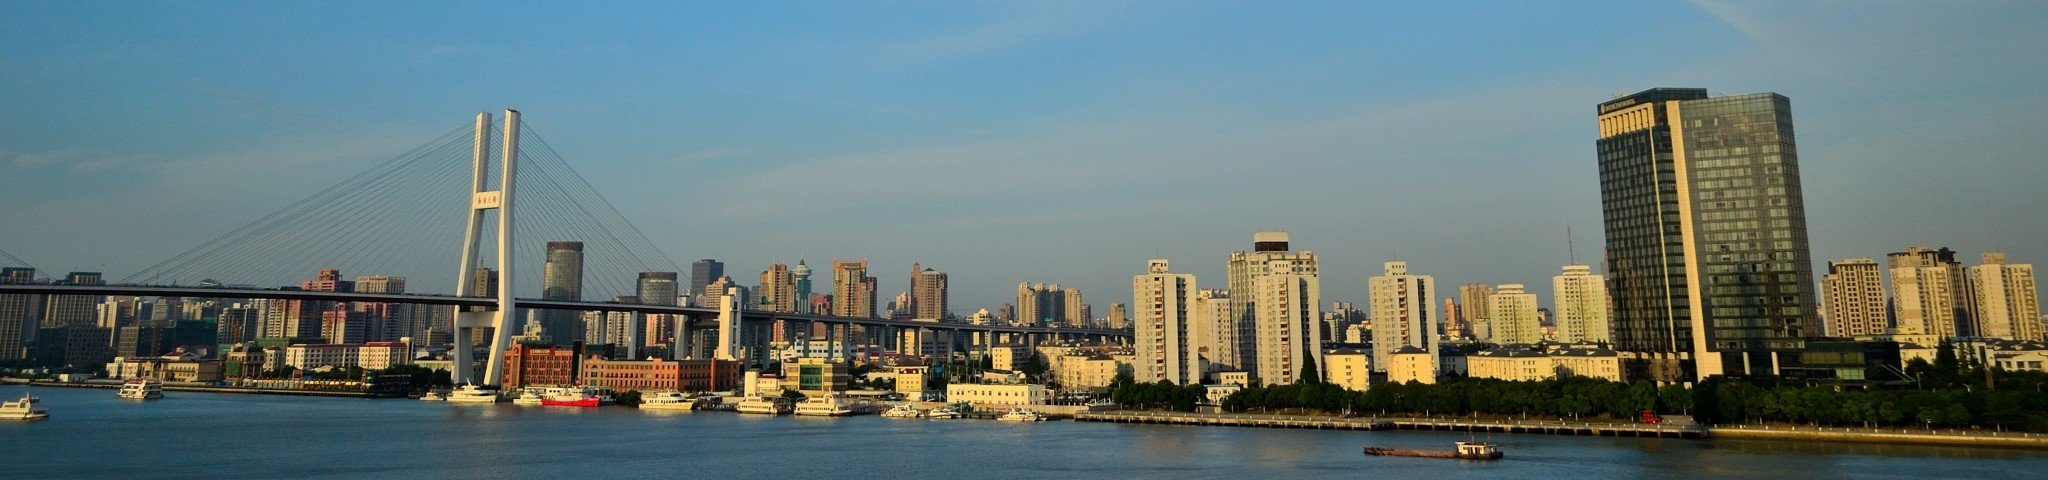 初夏周末闲游上海